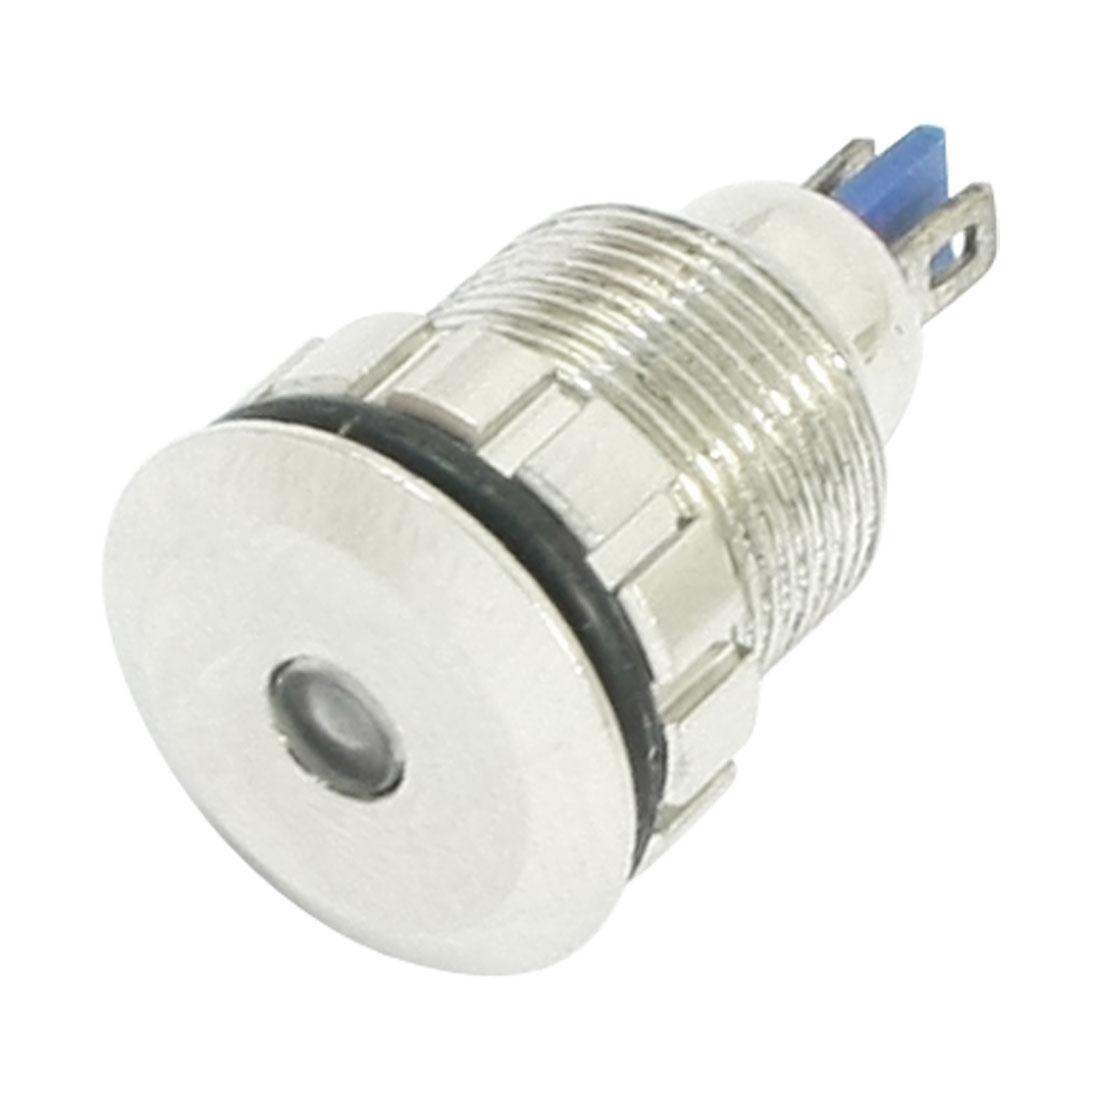 Car DC 12V 12mm Thread Seven Color Signal Indicator Pilot Light